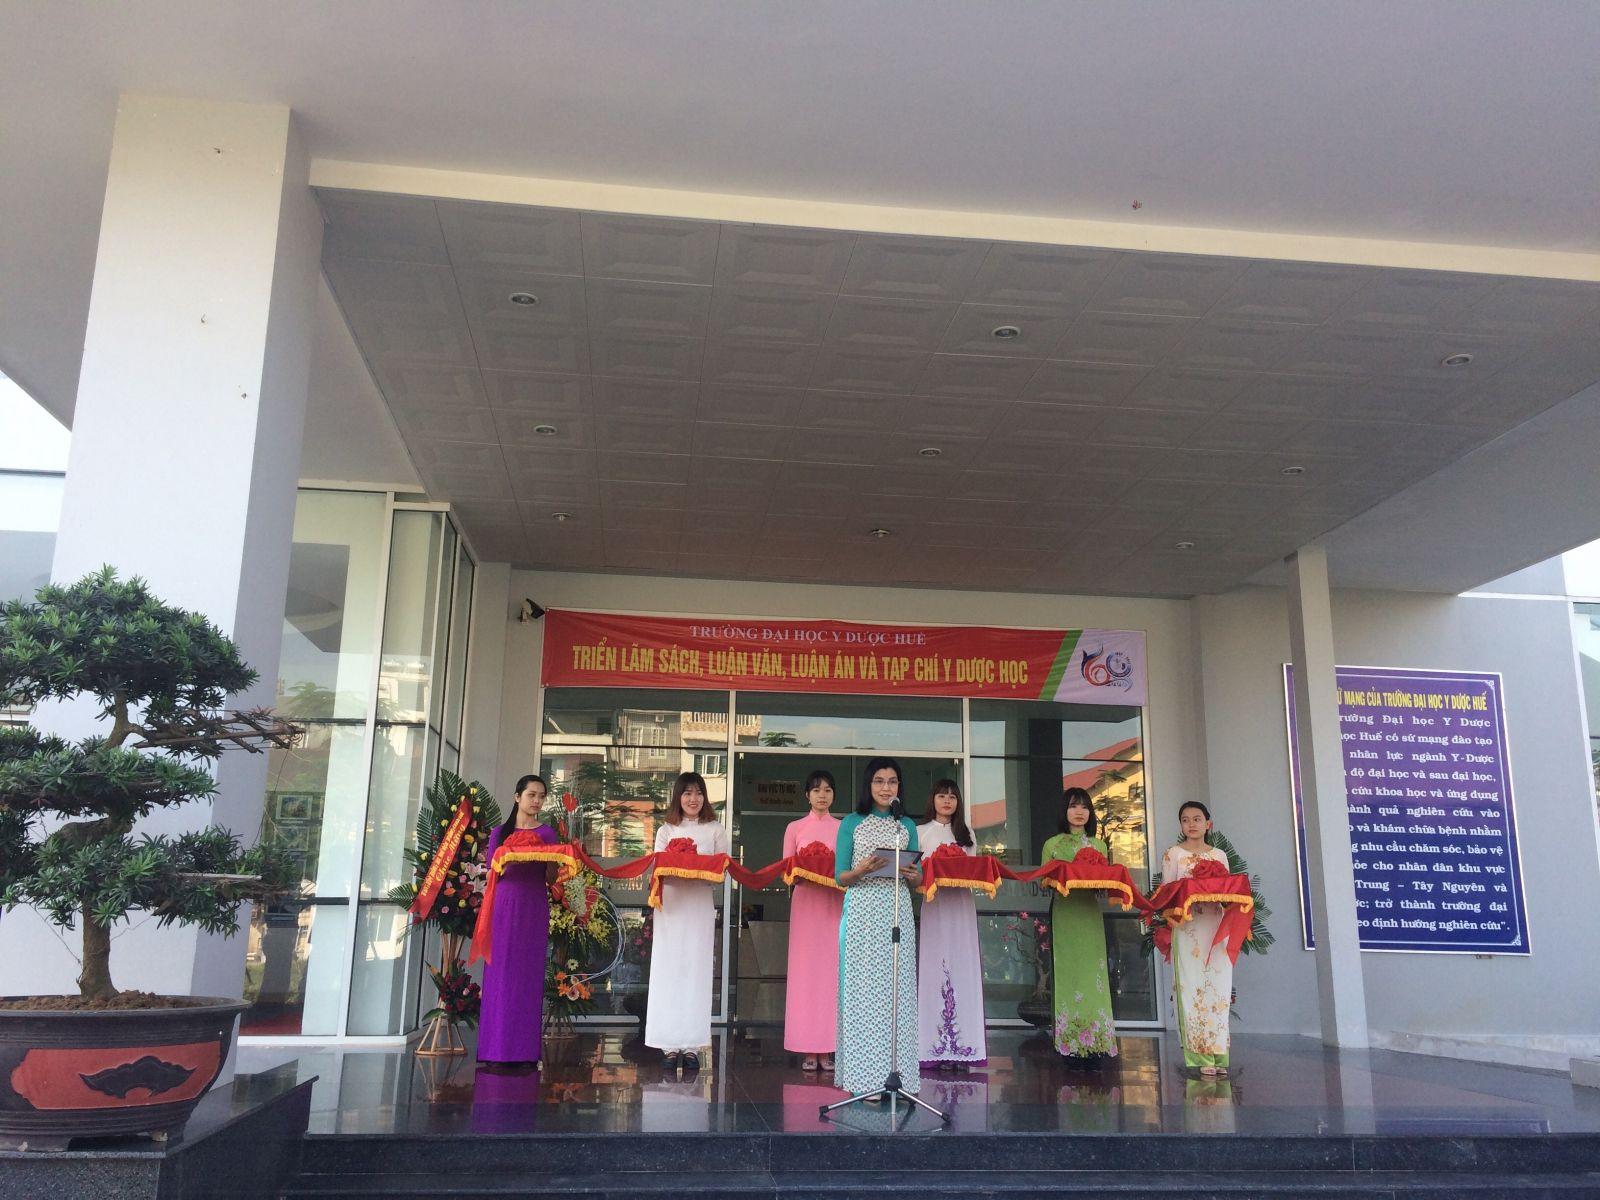 hS. Nguyễn Thị Bích Hằng, Giám đốc TT-TT-Thư viện phát biểu tại buổi lễ khai mạc triển lãm